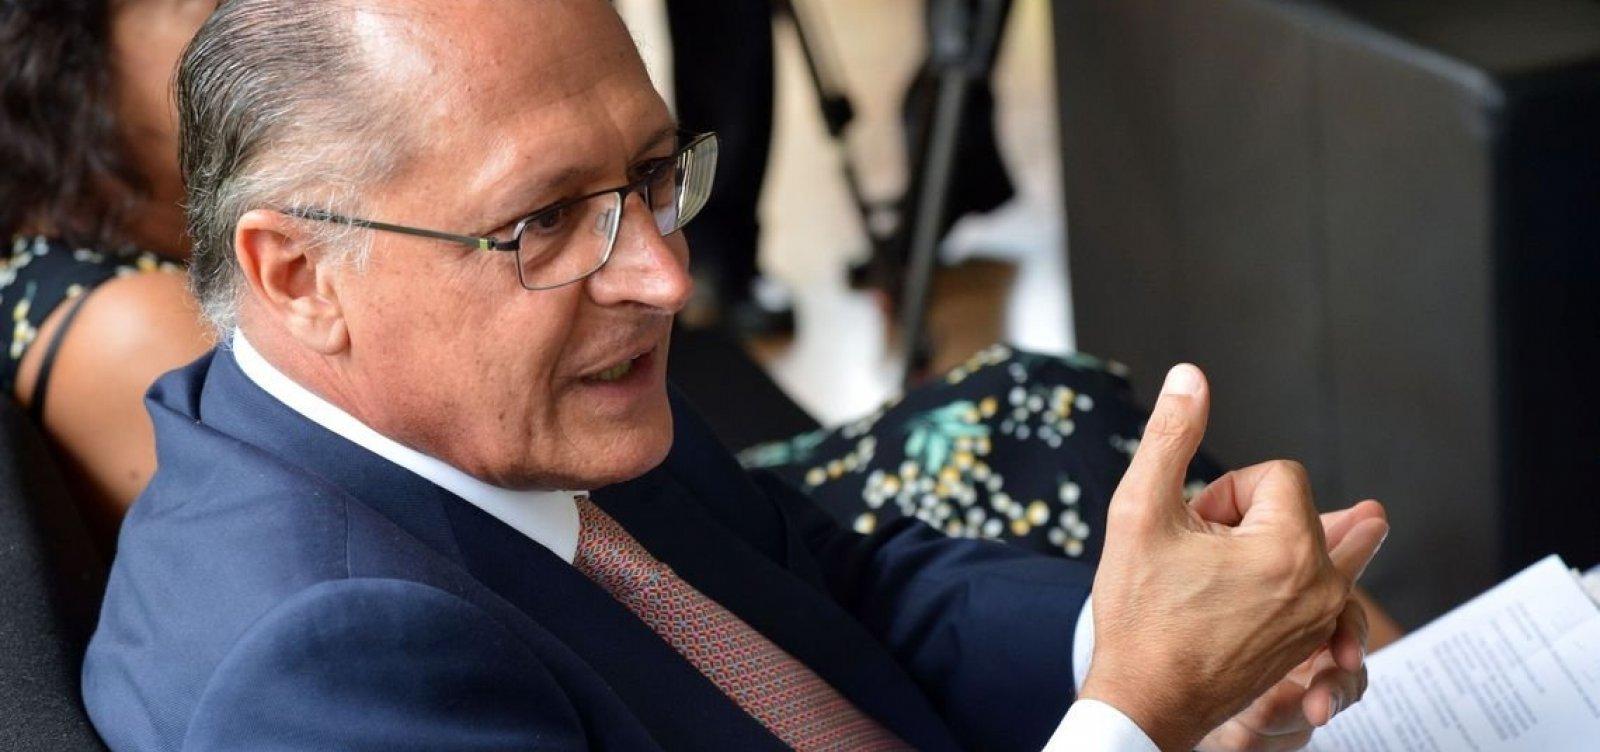 Alckmin sobe tom contra Bolsonaro em propaganda eleitoral